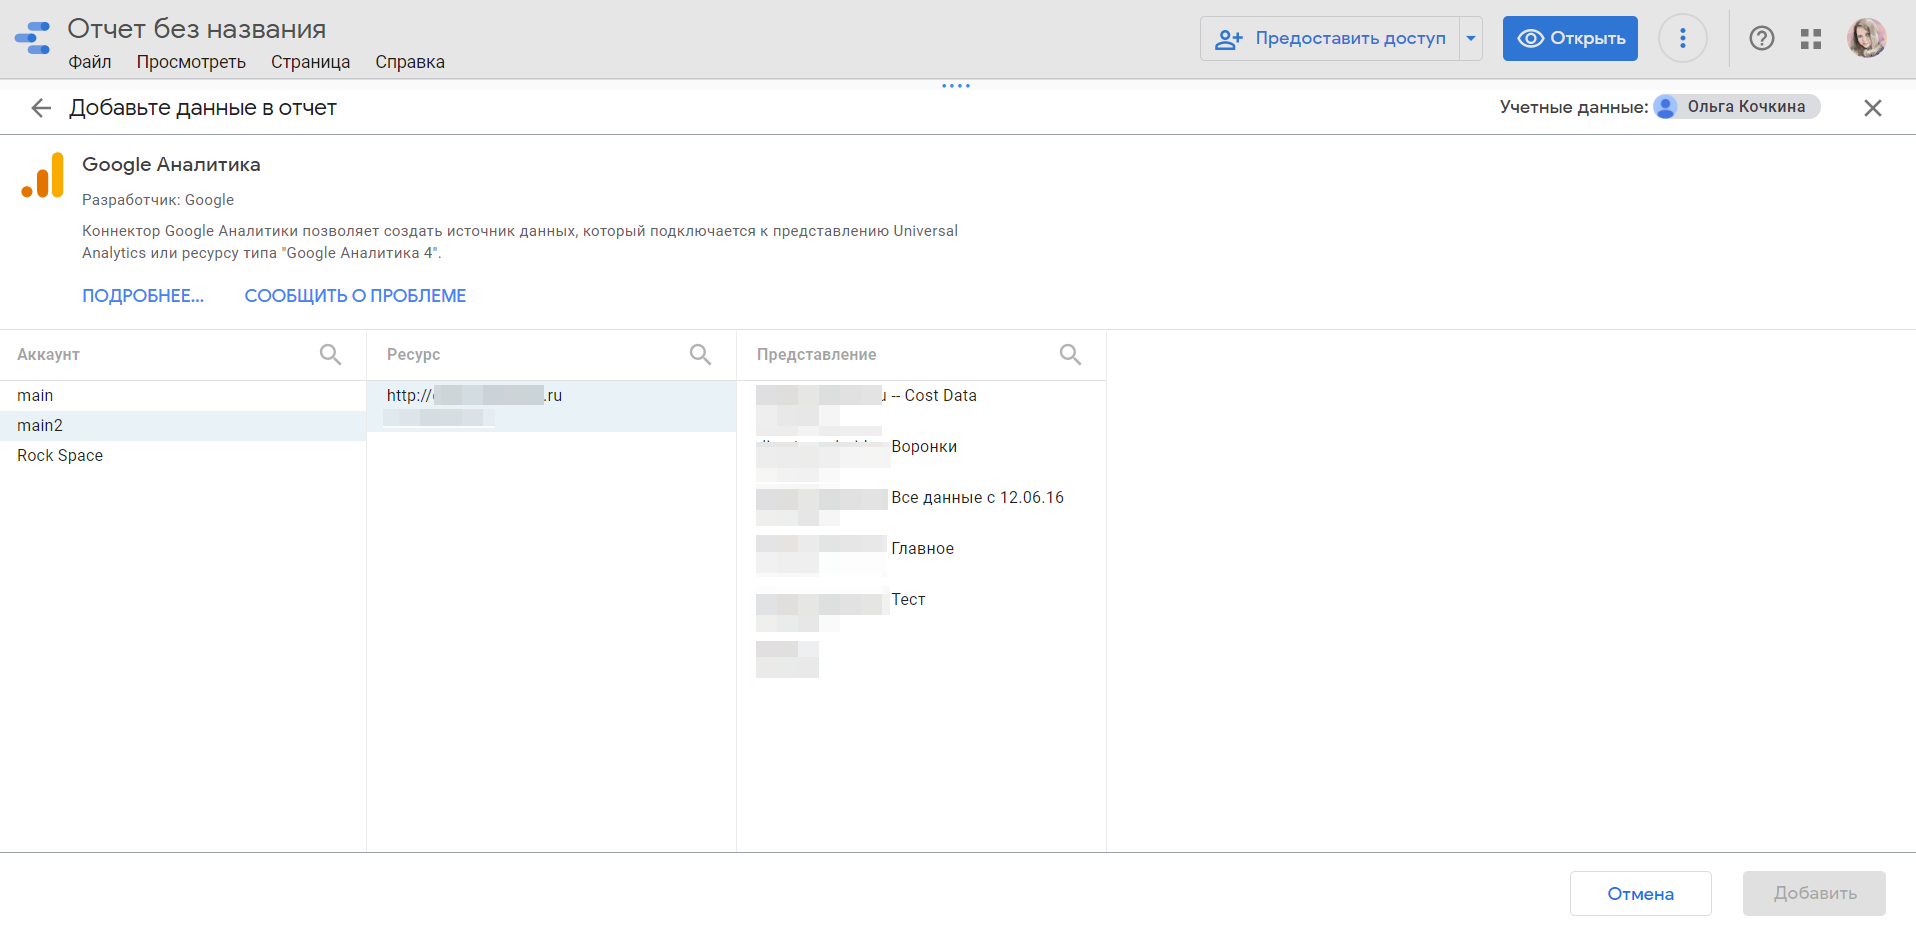 Например, для подключения Google Analytics нужно указать аккаунт, ресурс и представление